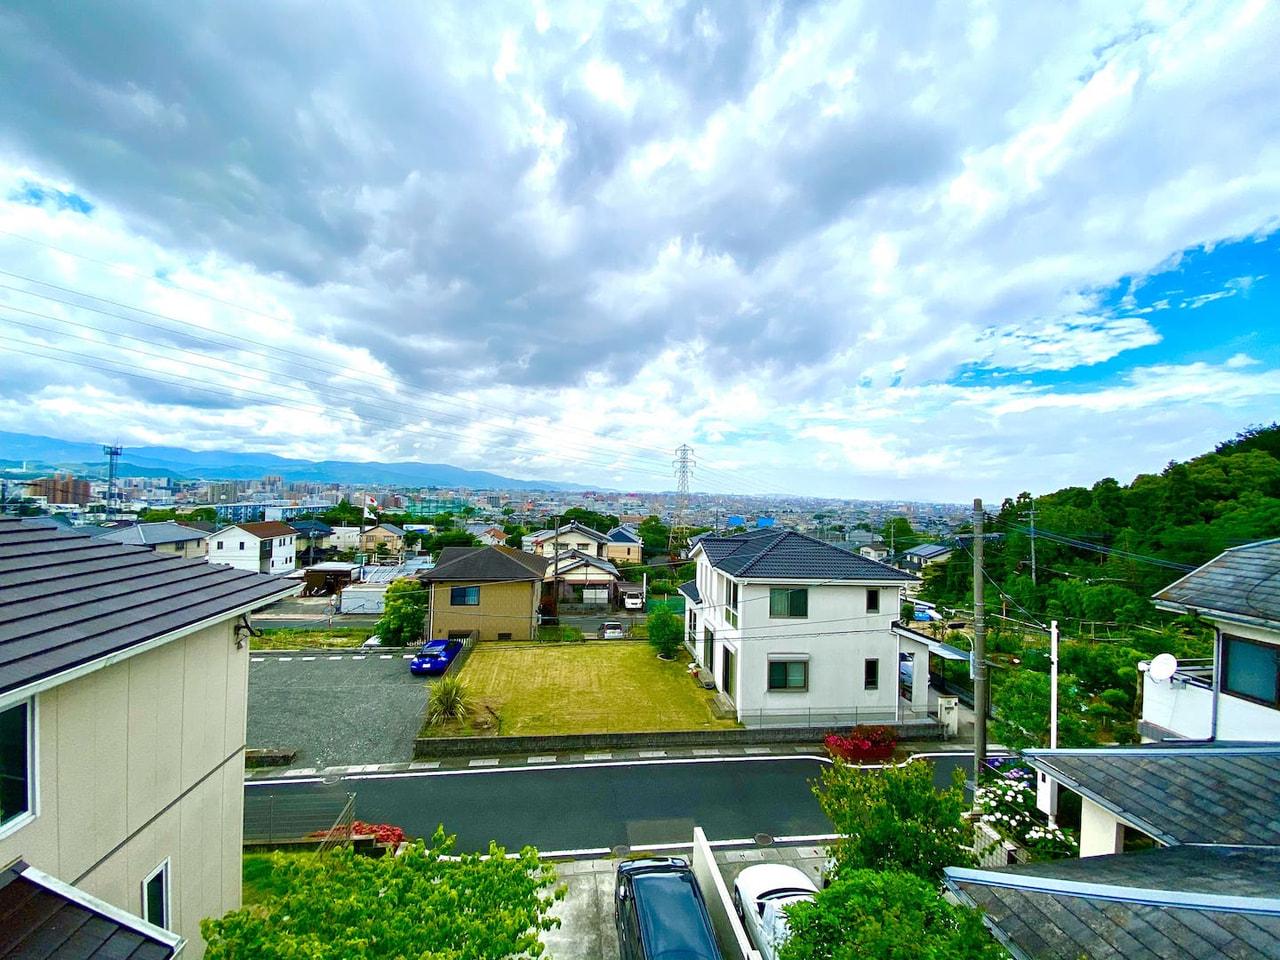 福岡で戸建てに住むなら分譲地がオススメ